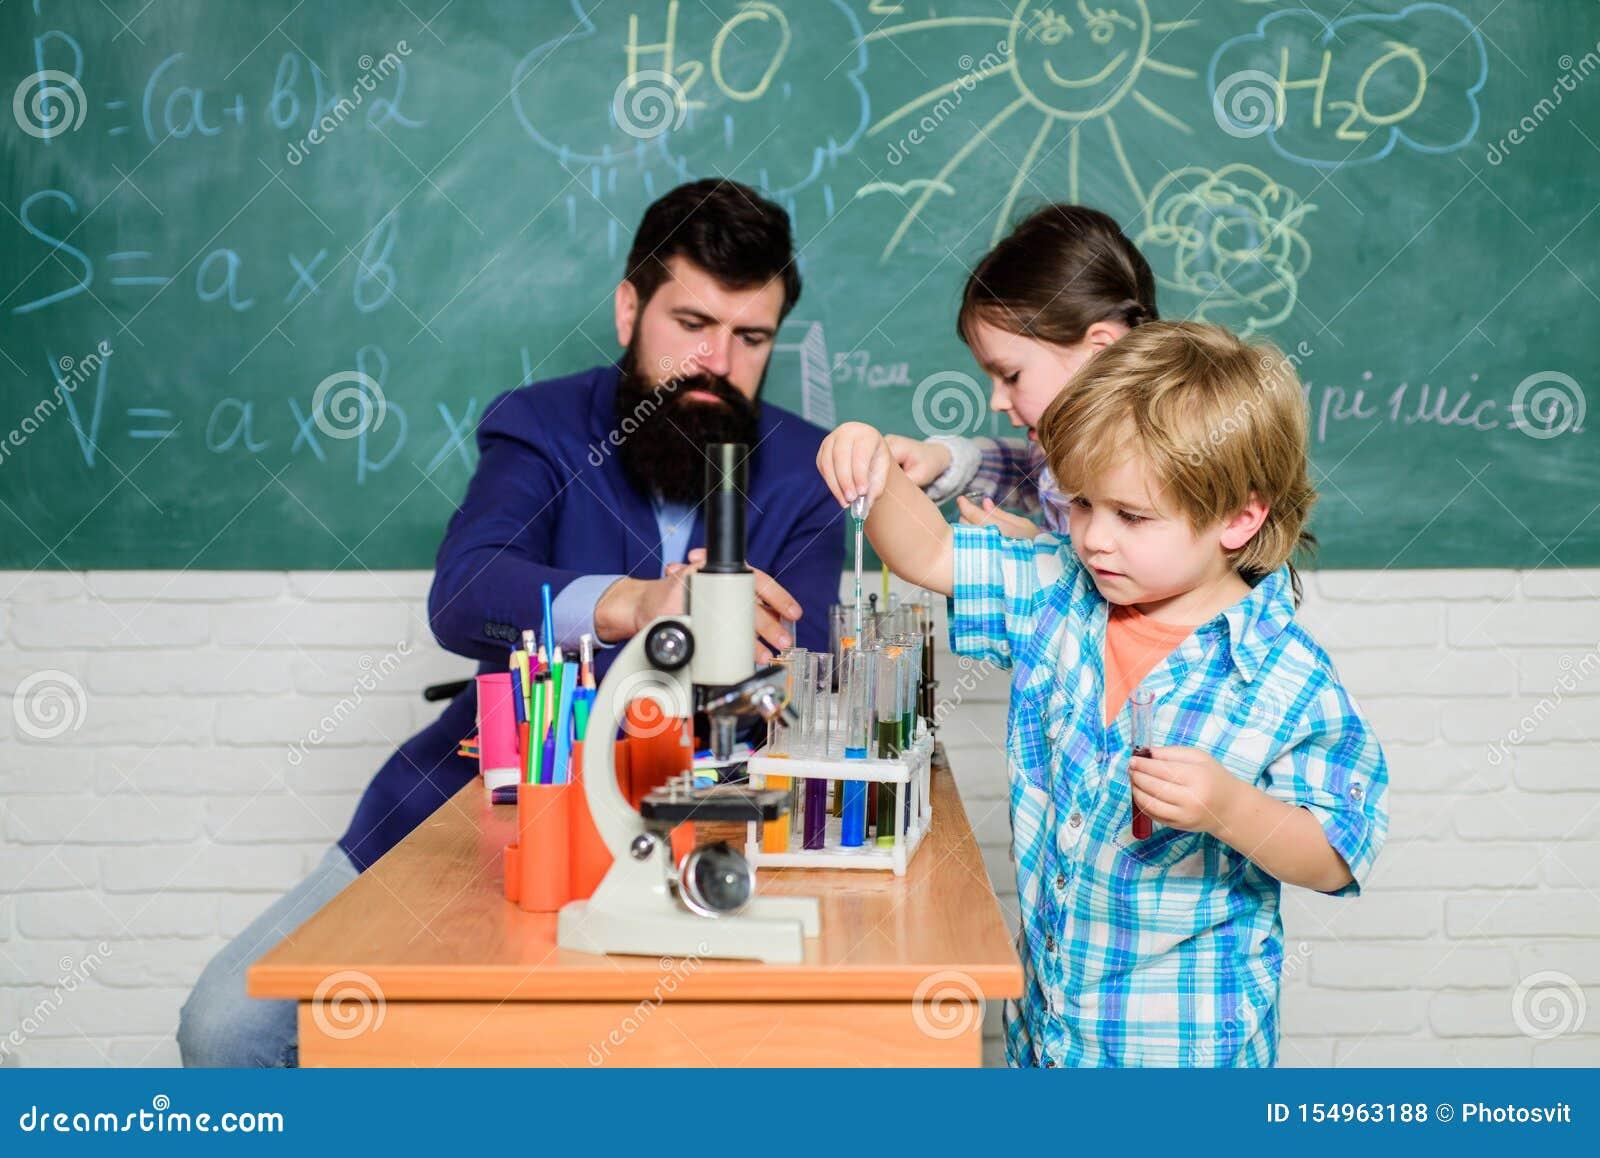 Интересные школьные классы Школьное образование Эксперимент по химии школы Клуб школы Объяснять химию для того чтобы оягниться